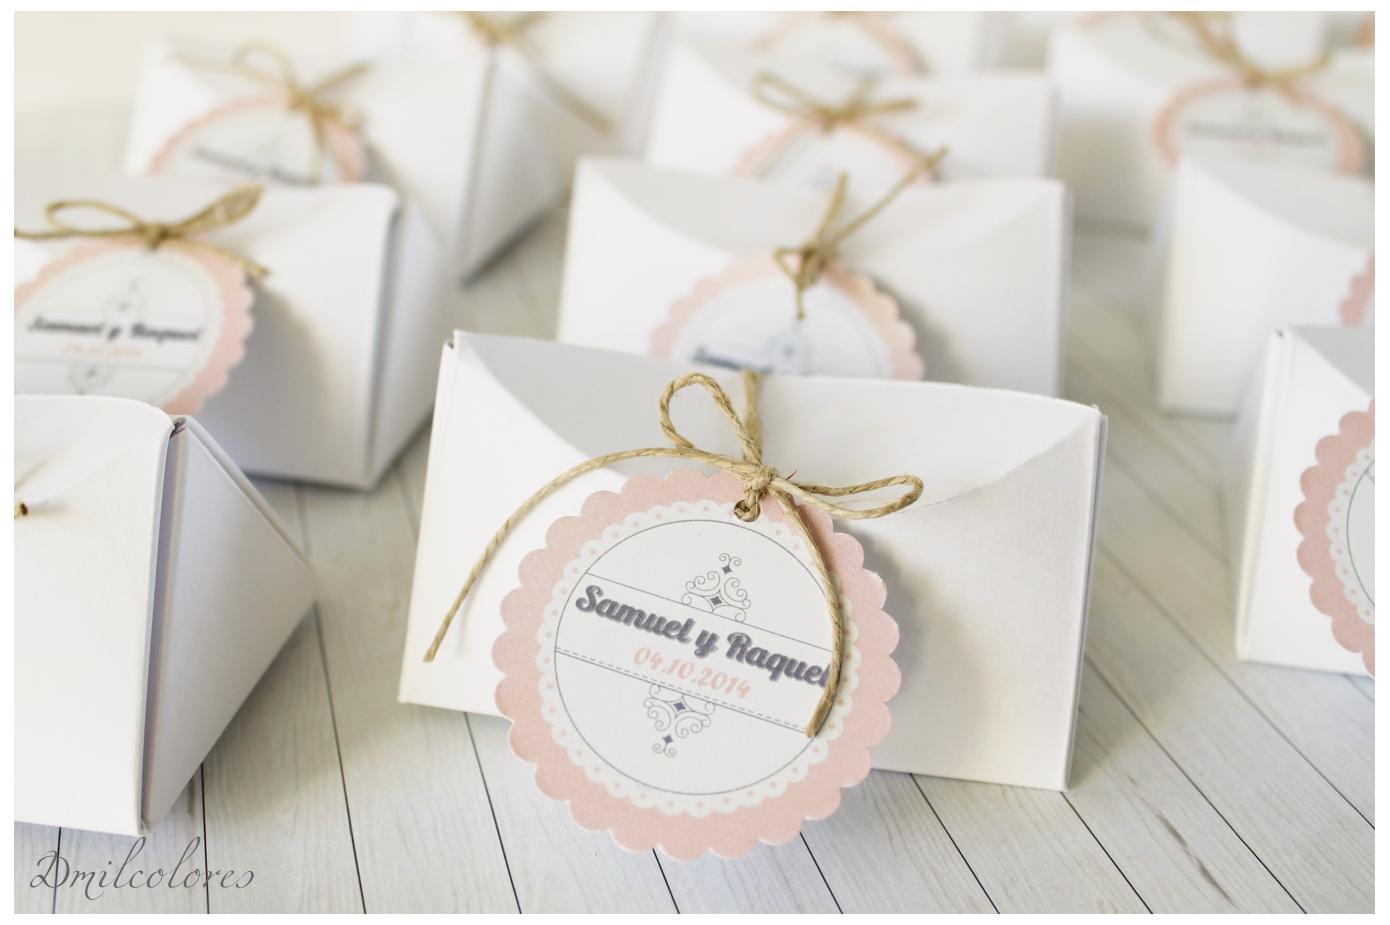 Dmilcolores detalles originales y alfileres de novia detalles de boda - Detalles de boda elegantes ...